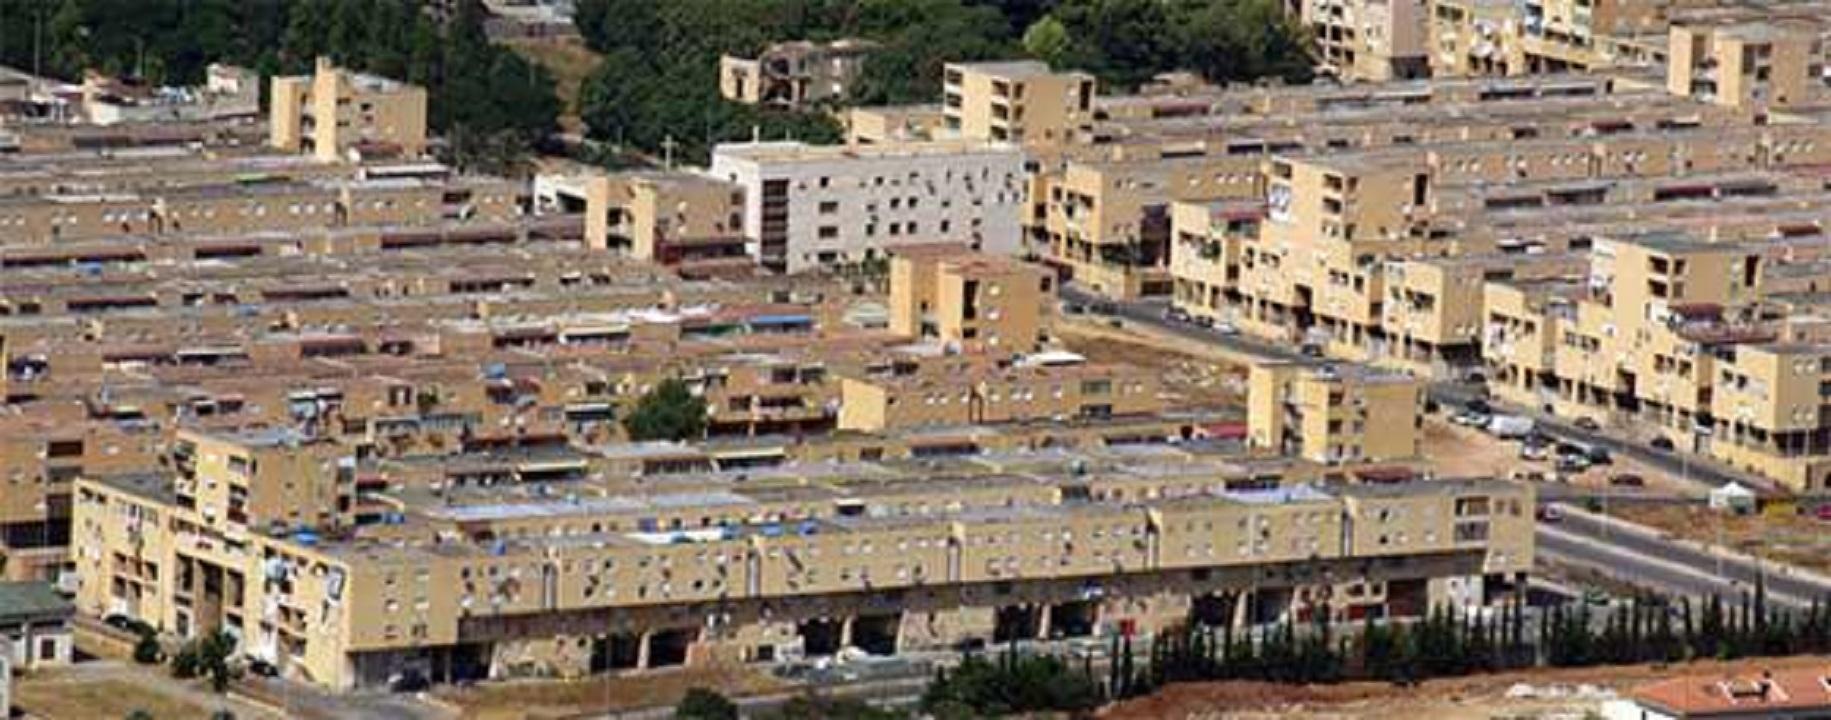 Palermo aggredito e derubato parroco del quartiere zen for Il territorio dell architettura vittorio gregotti